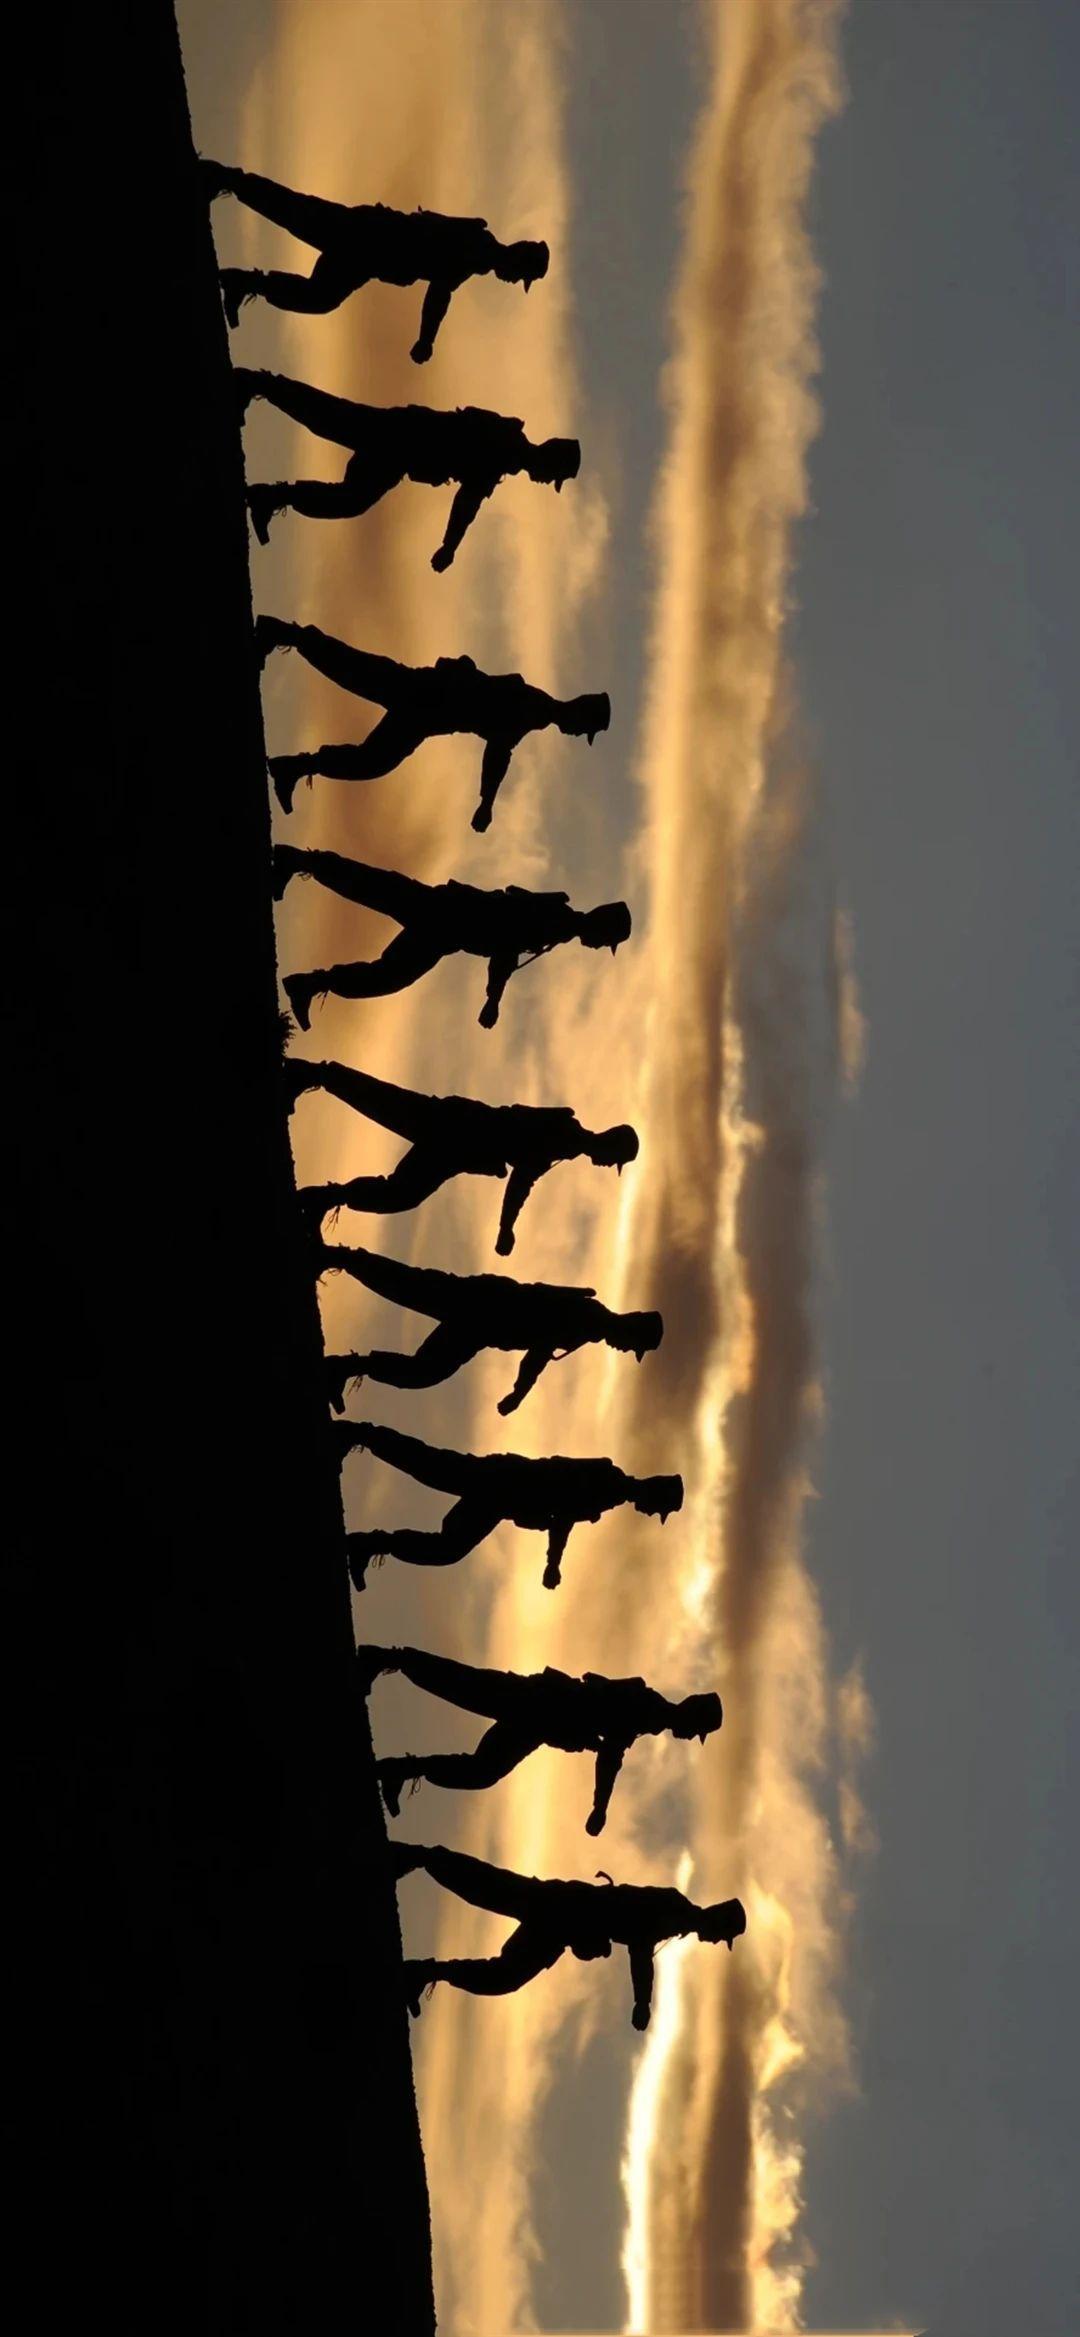 5f4fac6029697 - 军人壁纸:哪有什么岁月静好,不过是有人替你负重前行